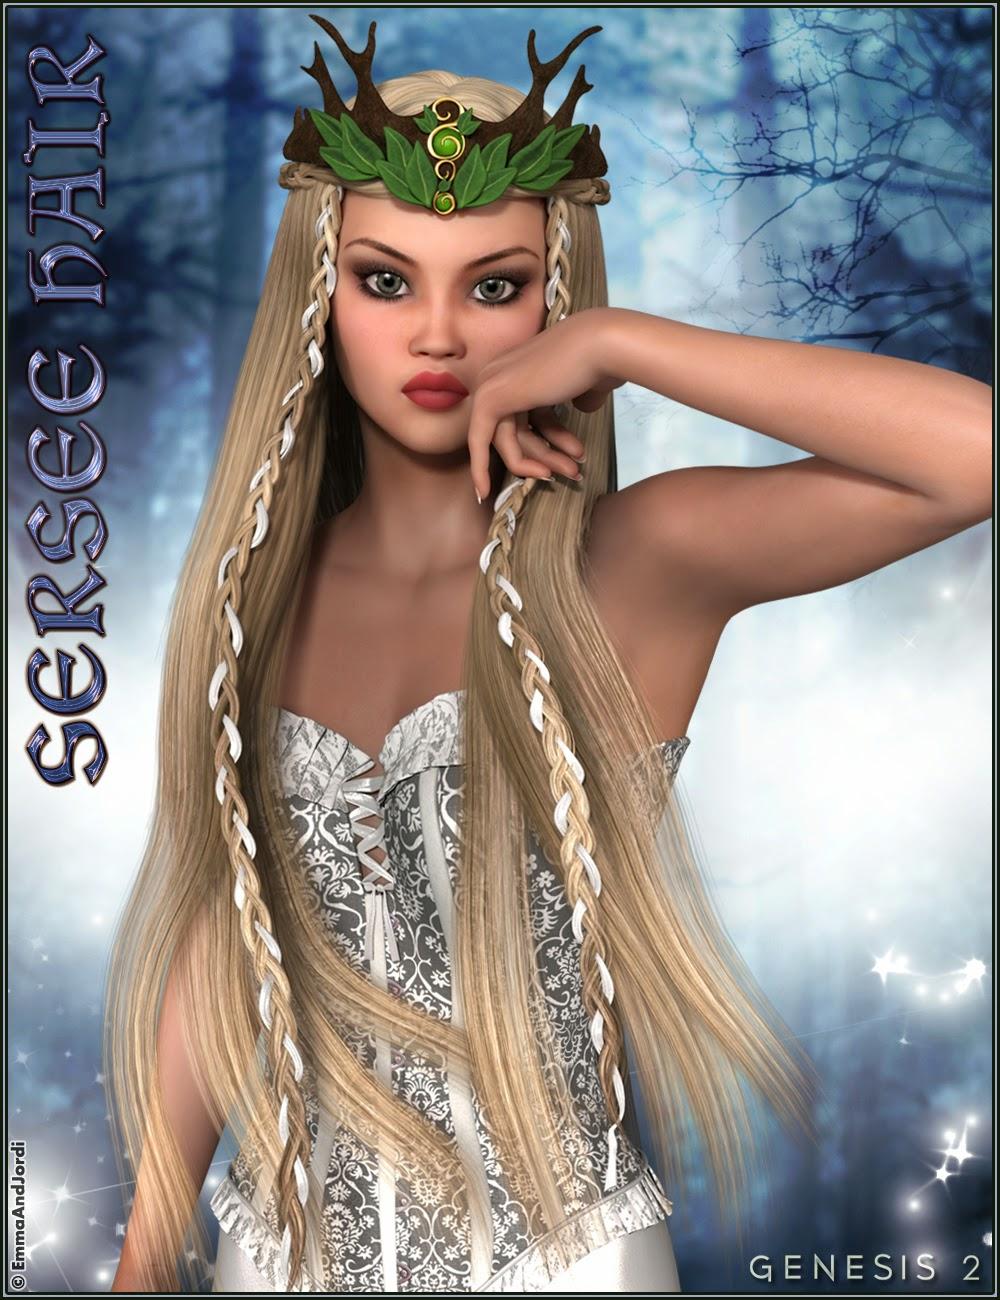 http://www.daz3d.com/sersee-hair